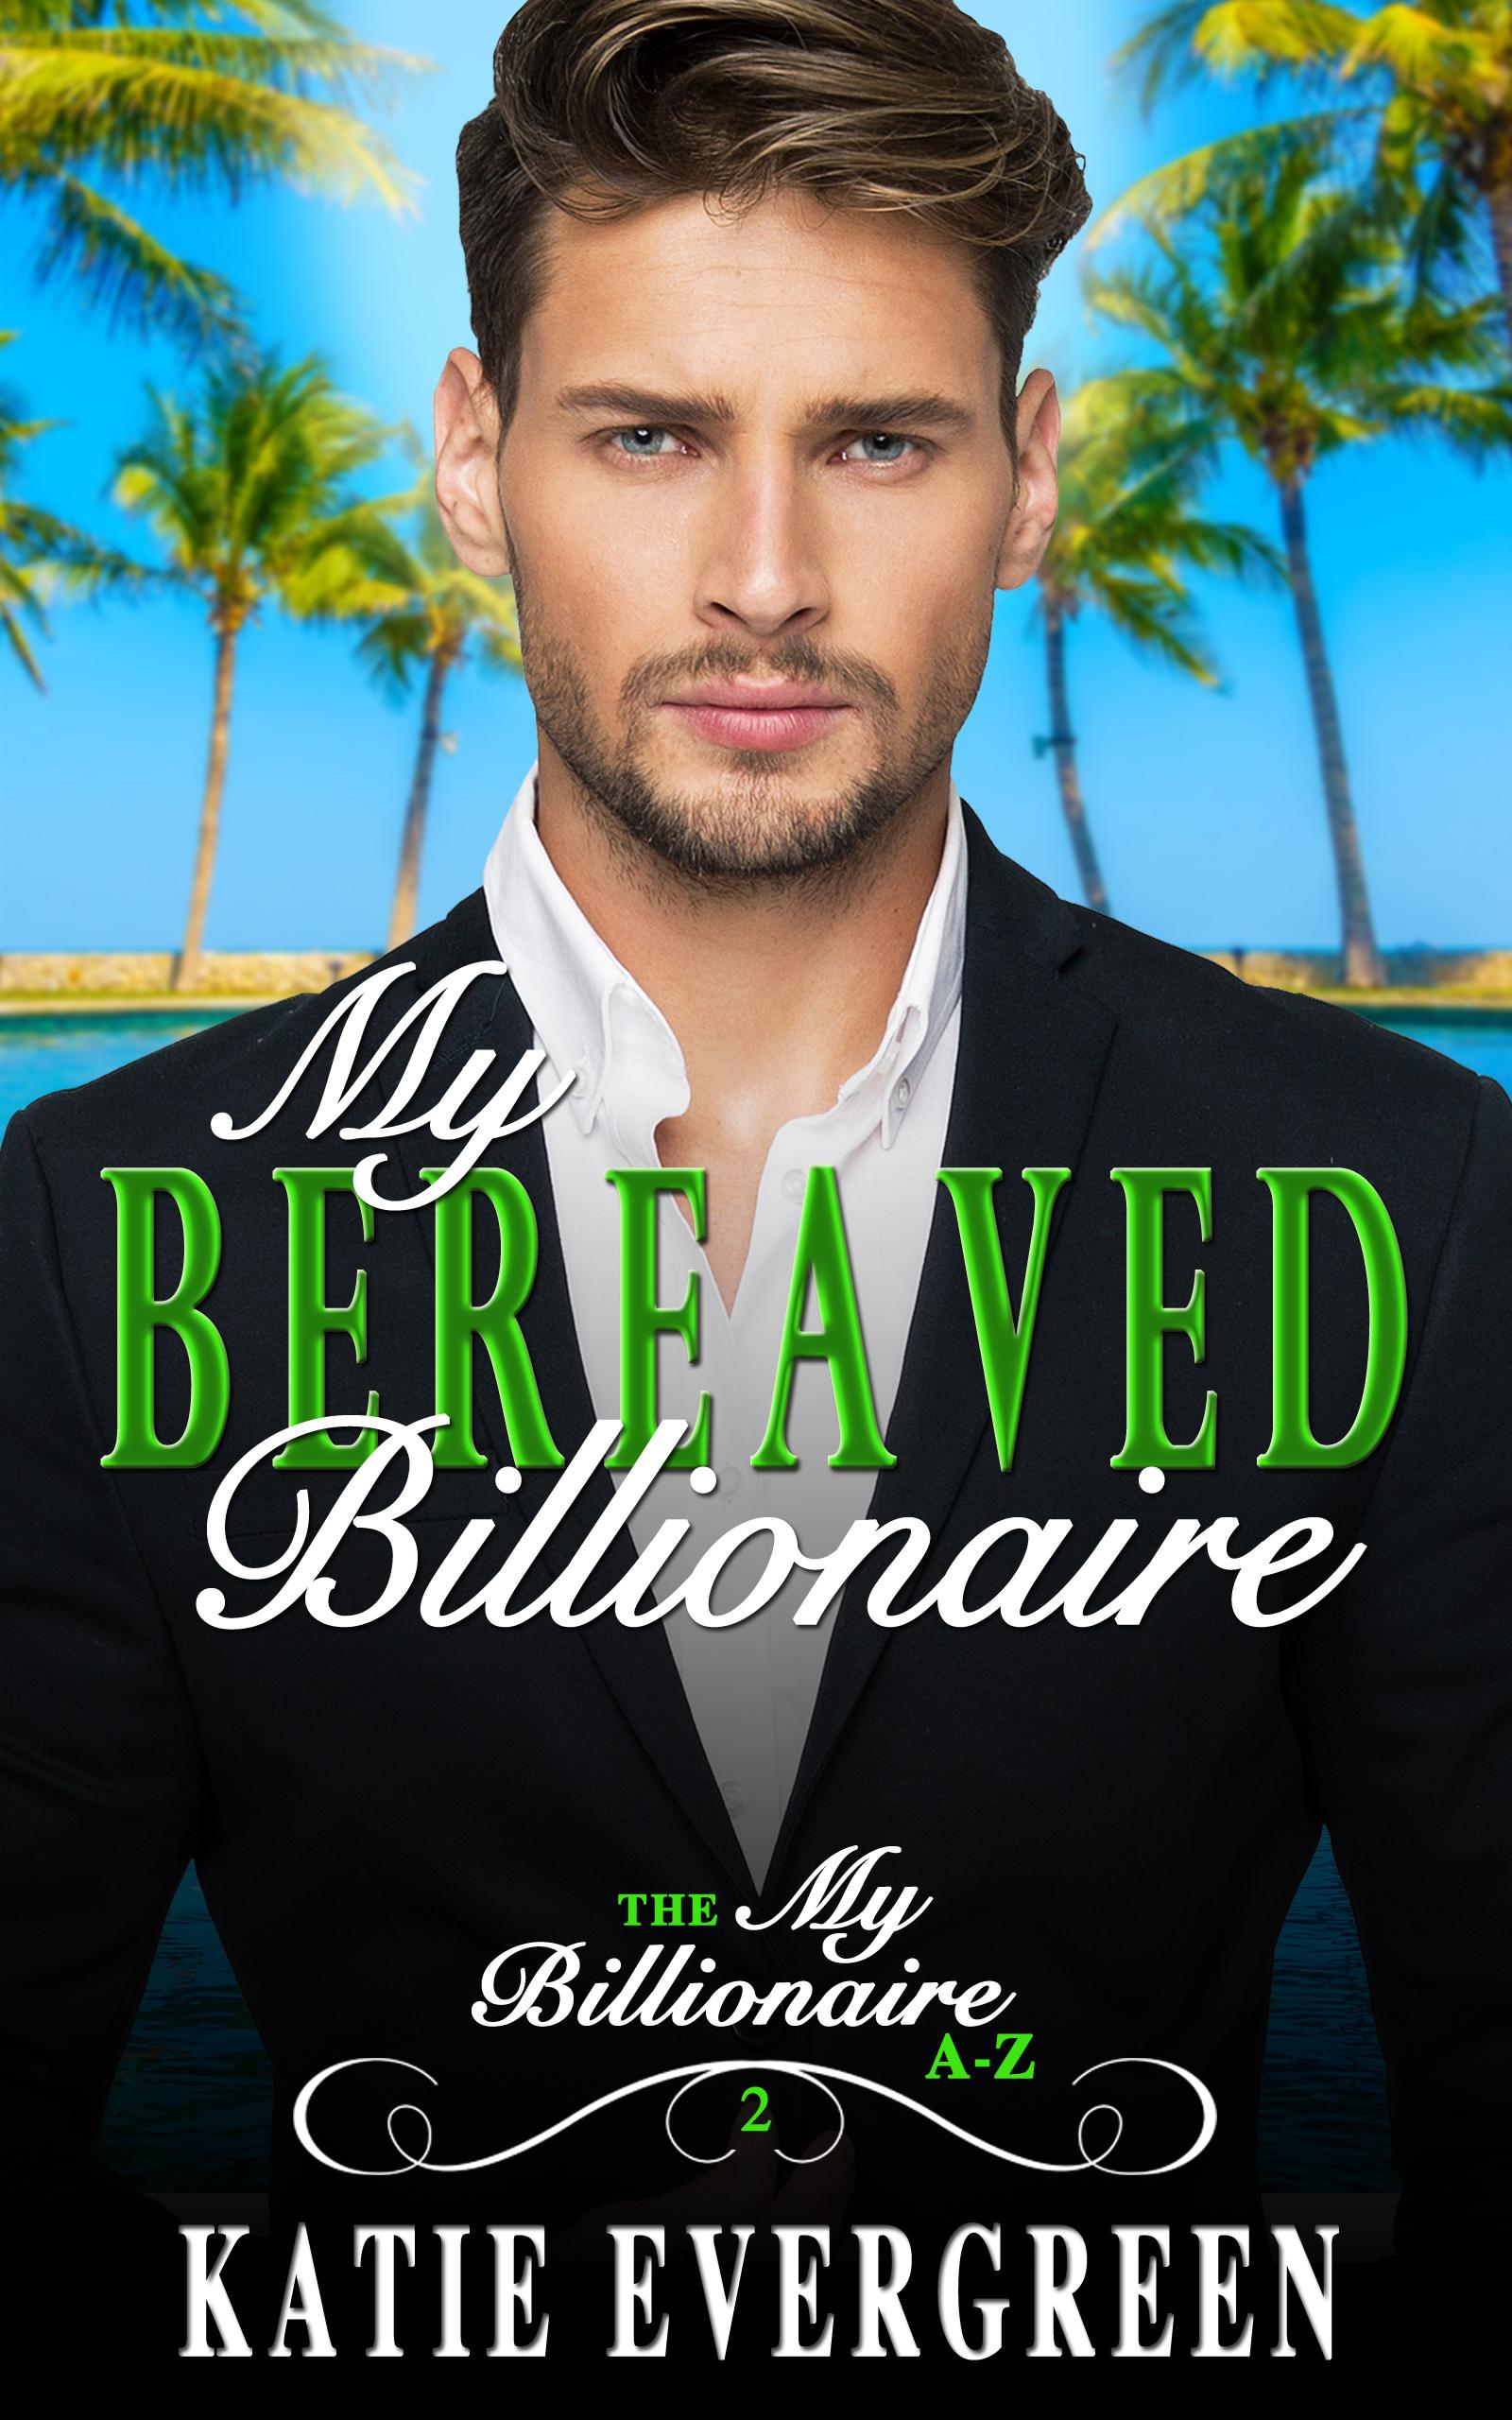 My Bereaved Billionaire